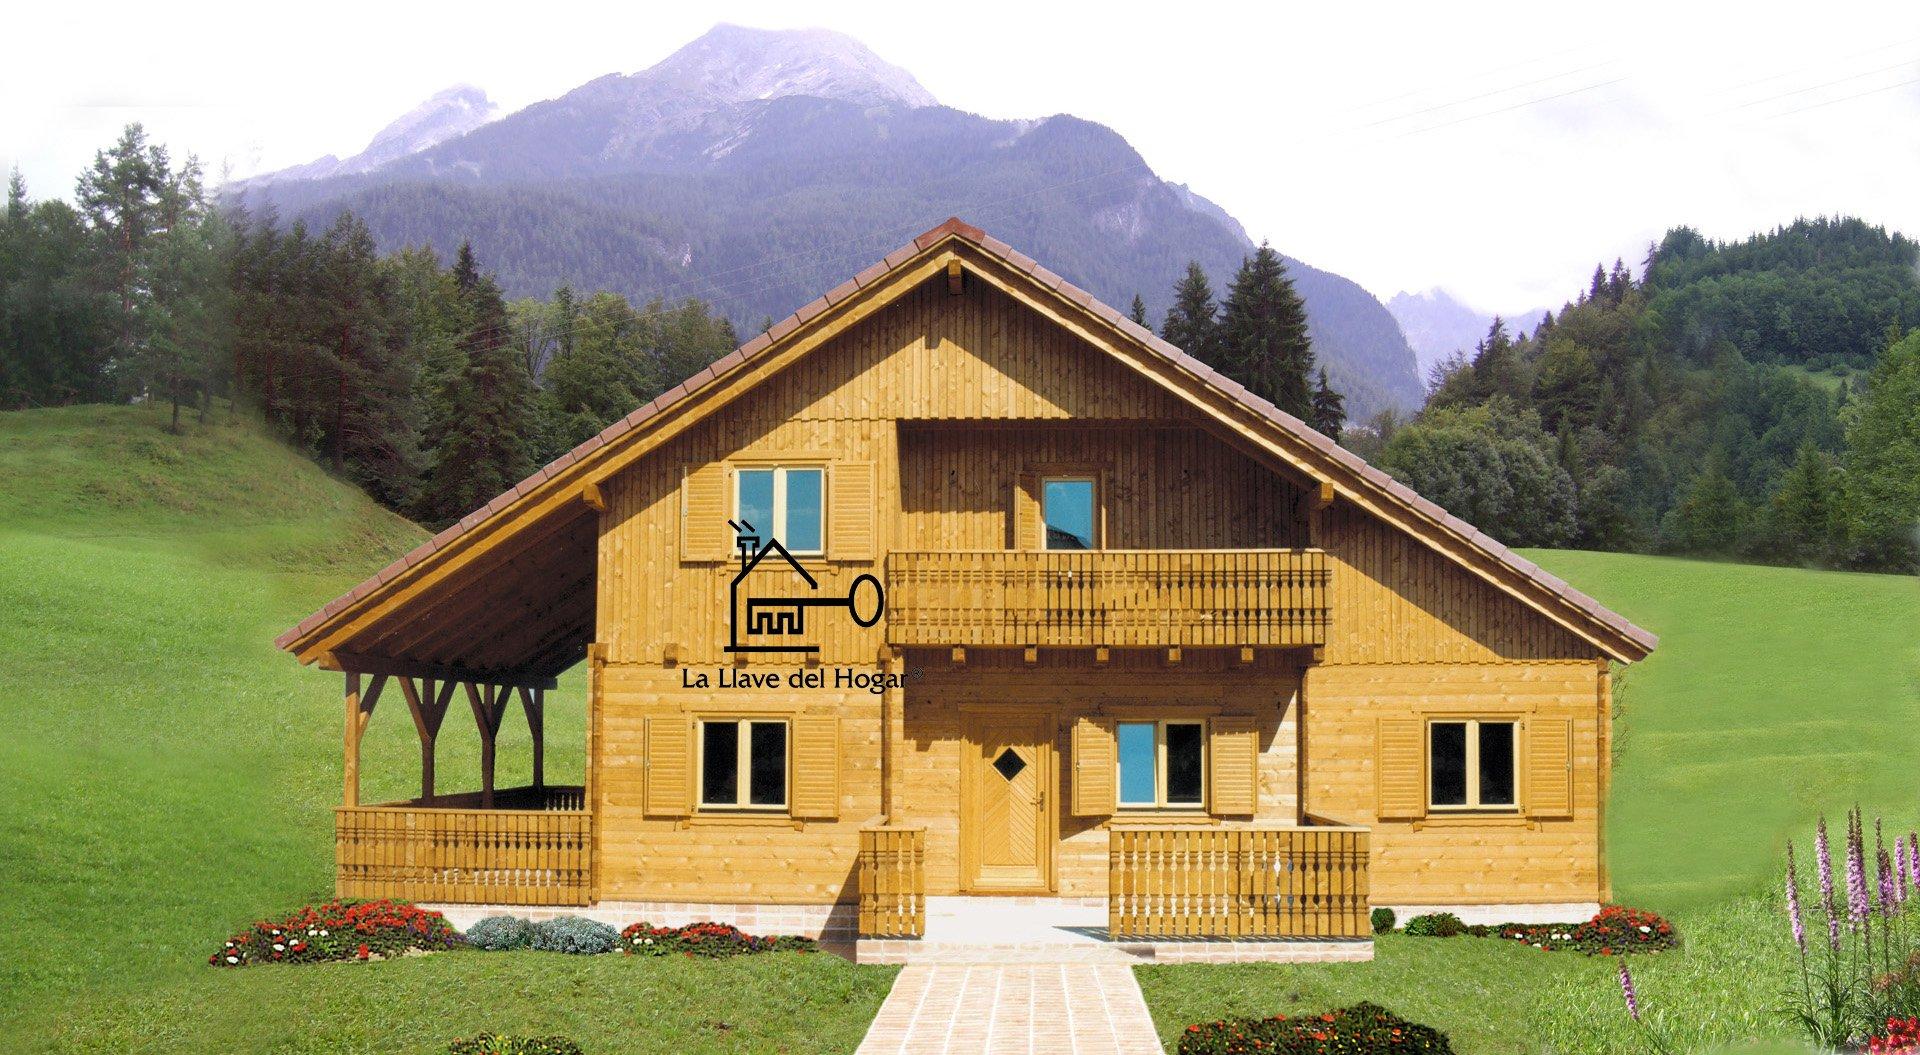 La llave del hogar casas de madera y entramado ligero for Casas prefabricadas de madera precios